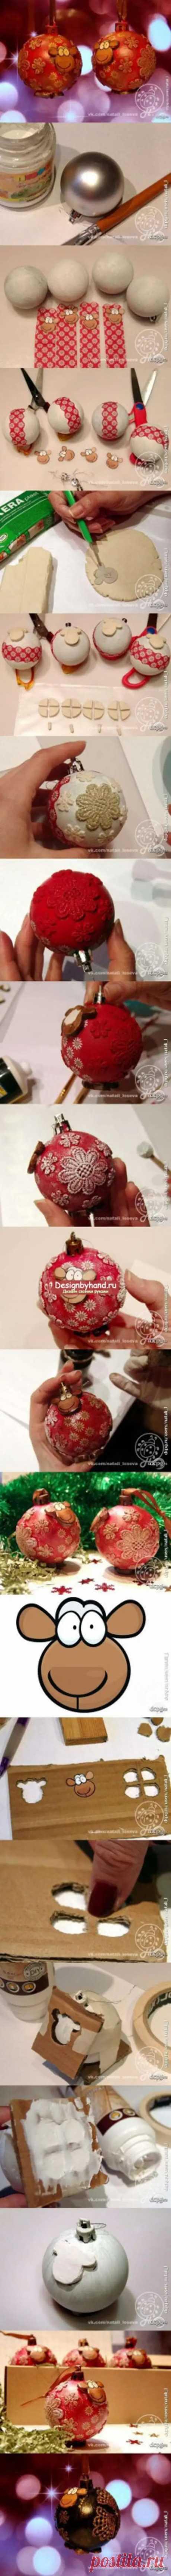 Декупаж новогодних шаров: ТОП - 20 идей и мастер-классы пошагово с фото - Домоводство - медиаплатформа МирТесен